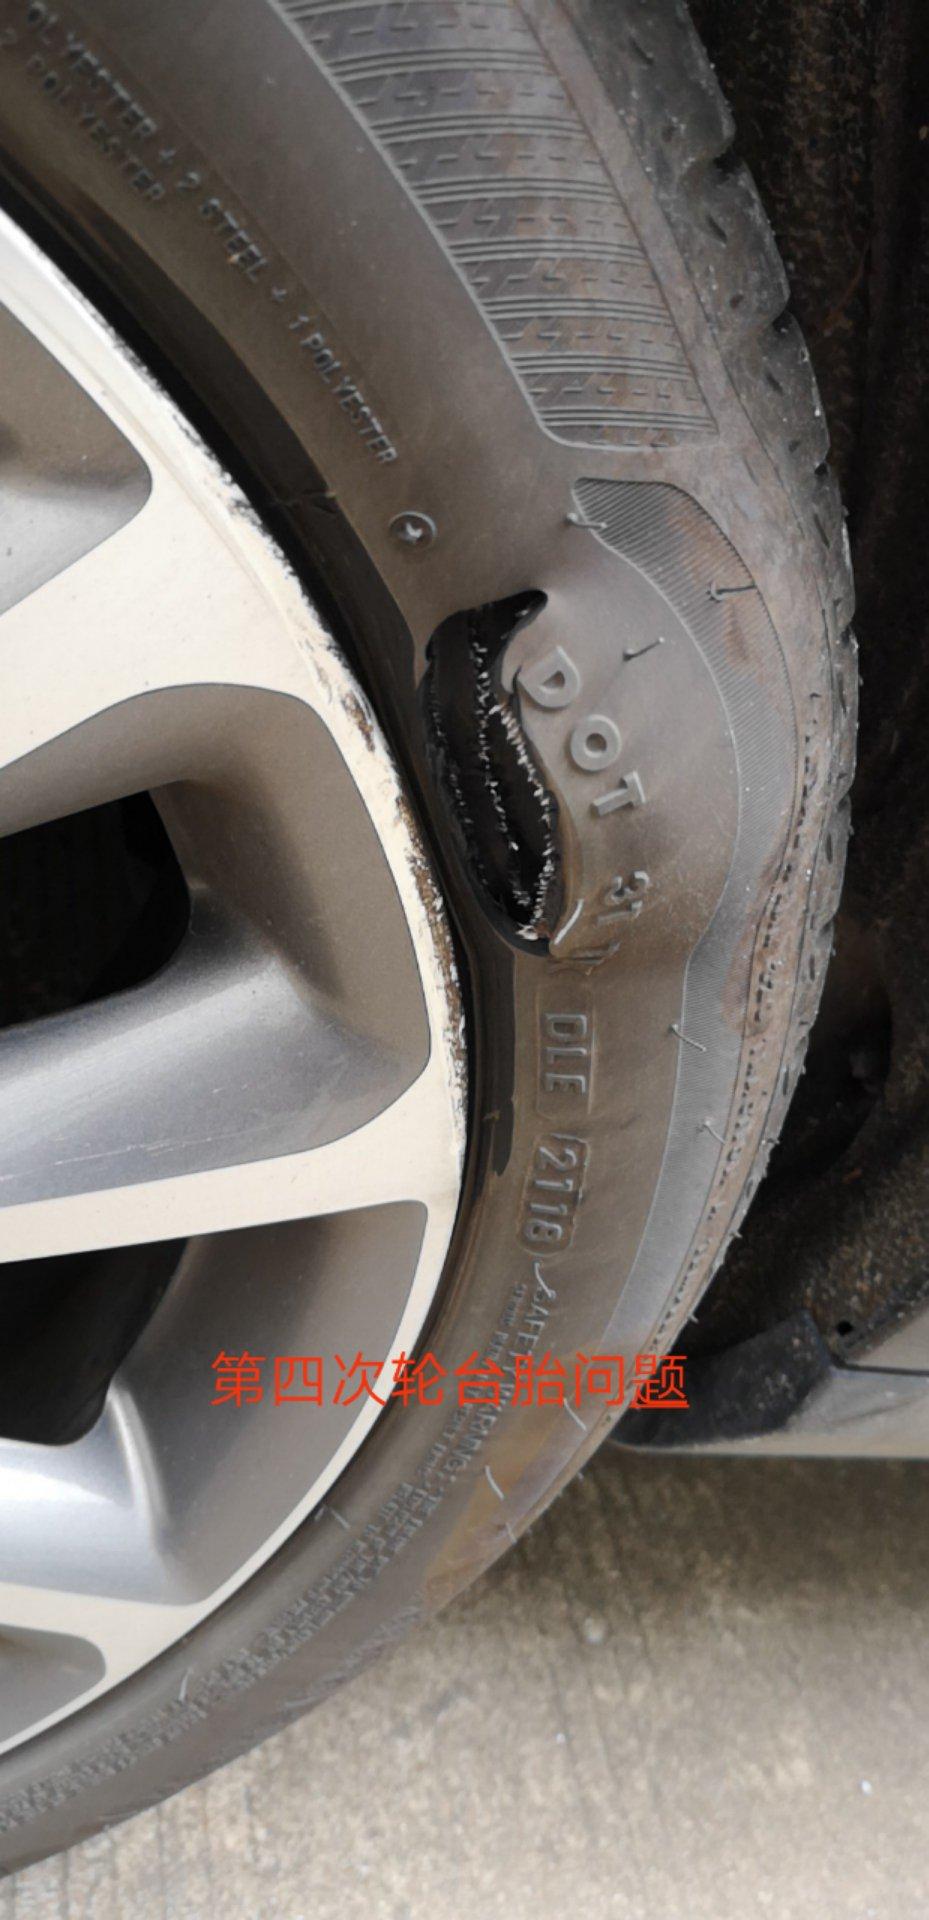 奔馳-奔馳E級 不到8個月4次輪胎爆胎,要求賠償輪胎或更換懸掛